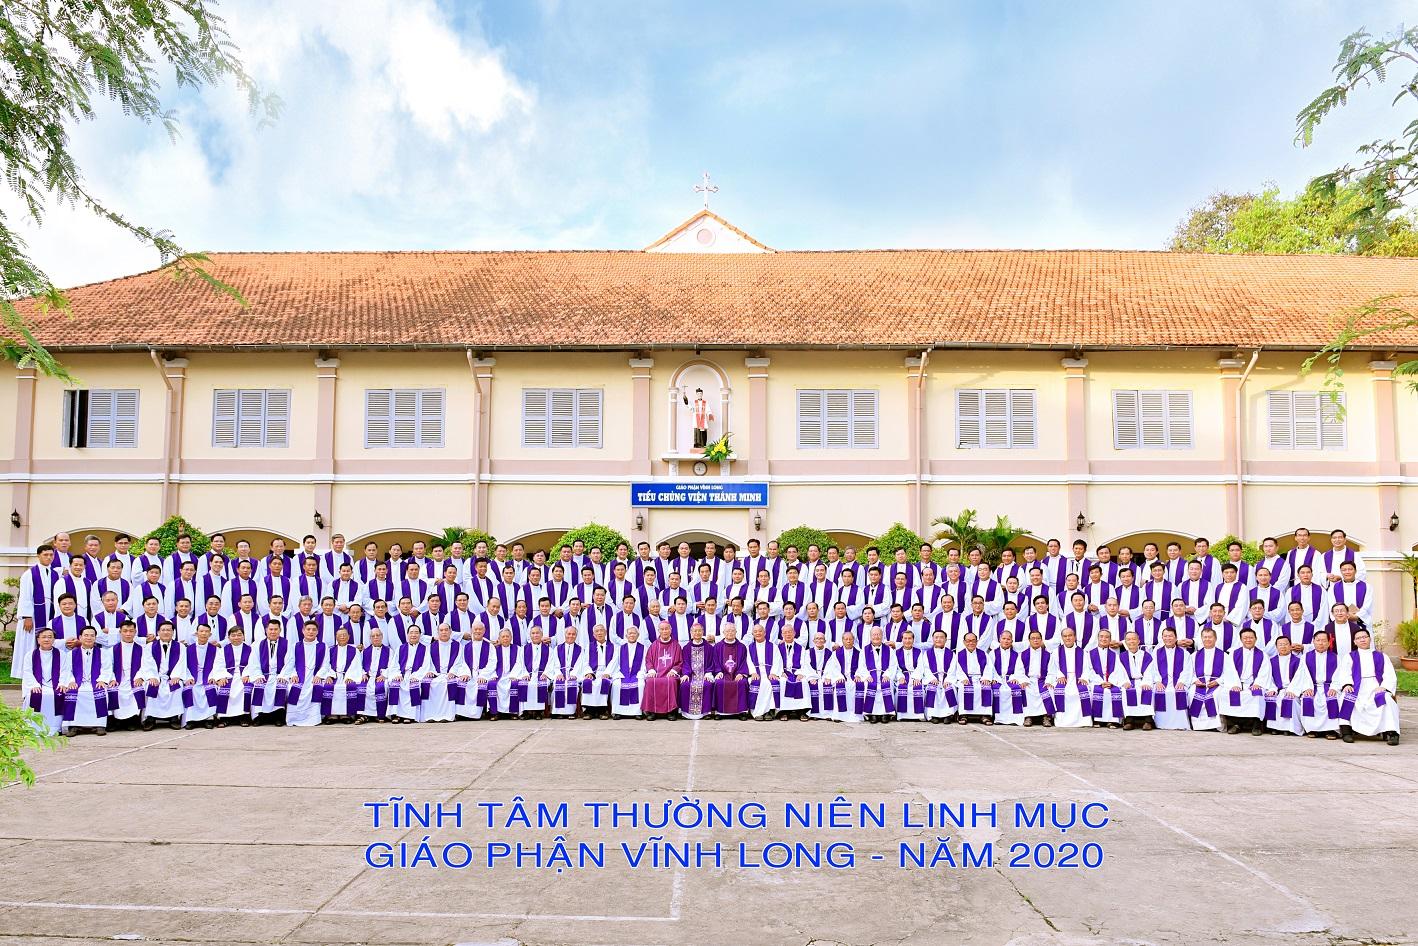 Hình lưu niệm: Tĩnh tâm thường niên Linh mục Giáo phận Vĩnh Long năm 2020